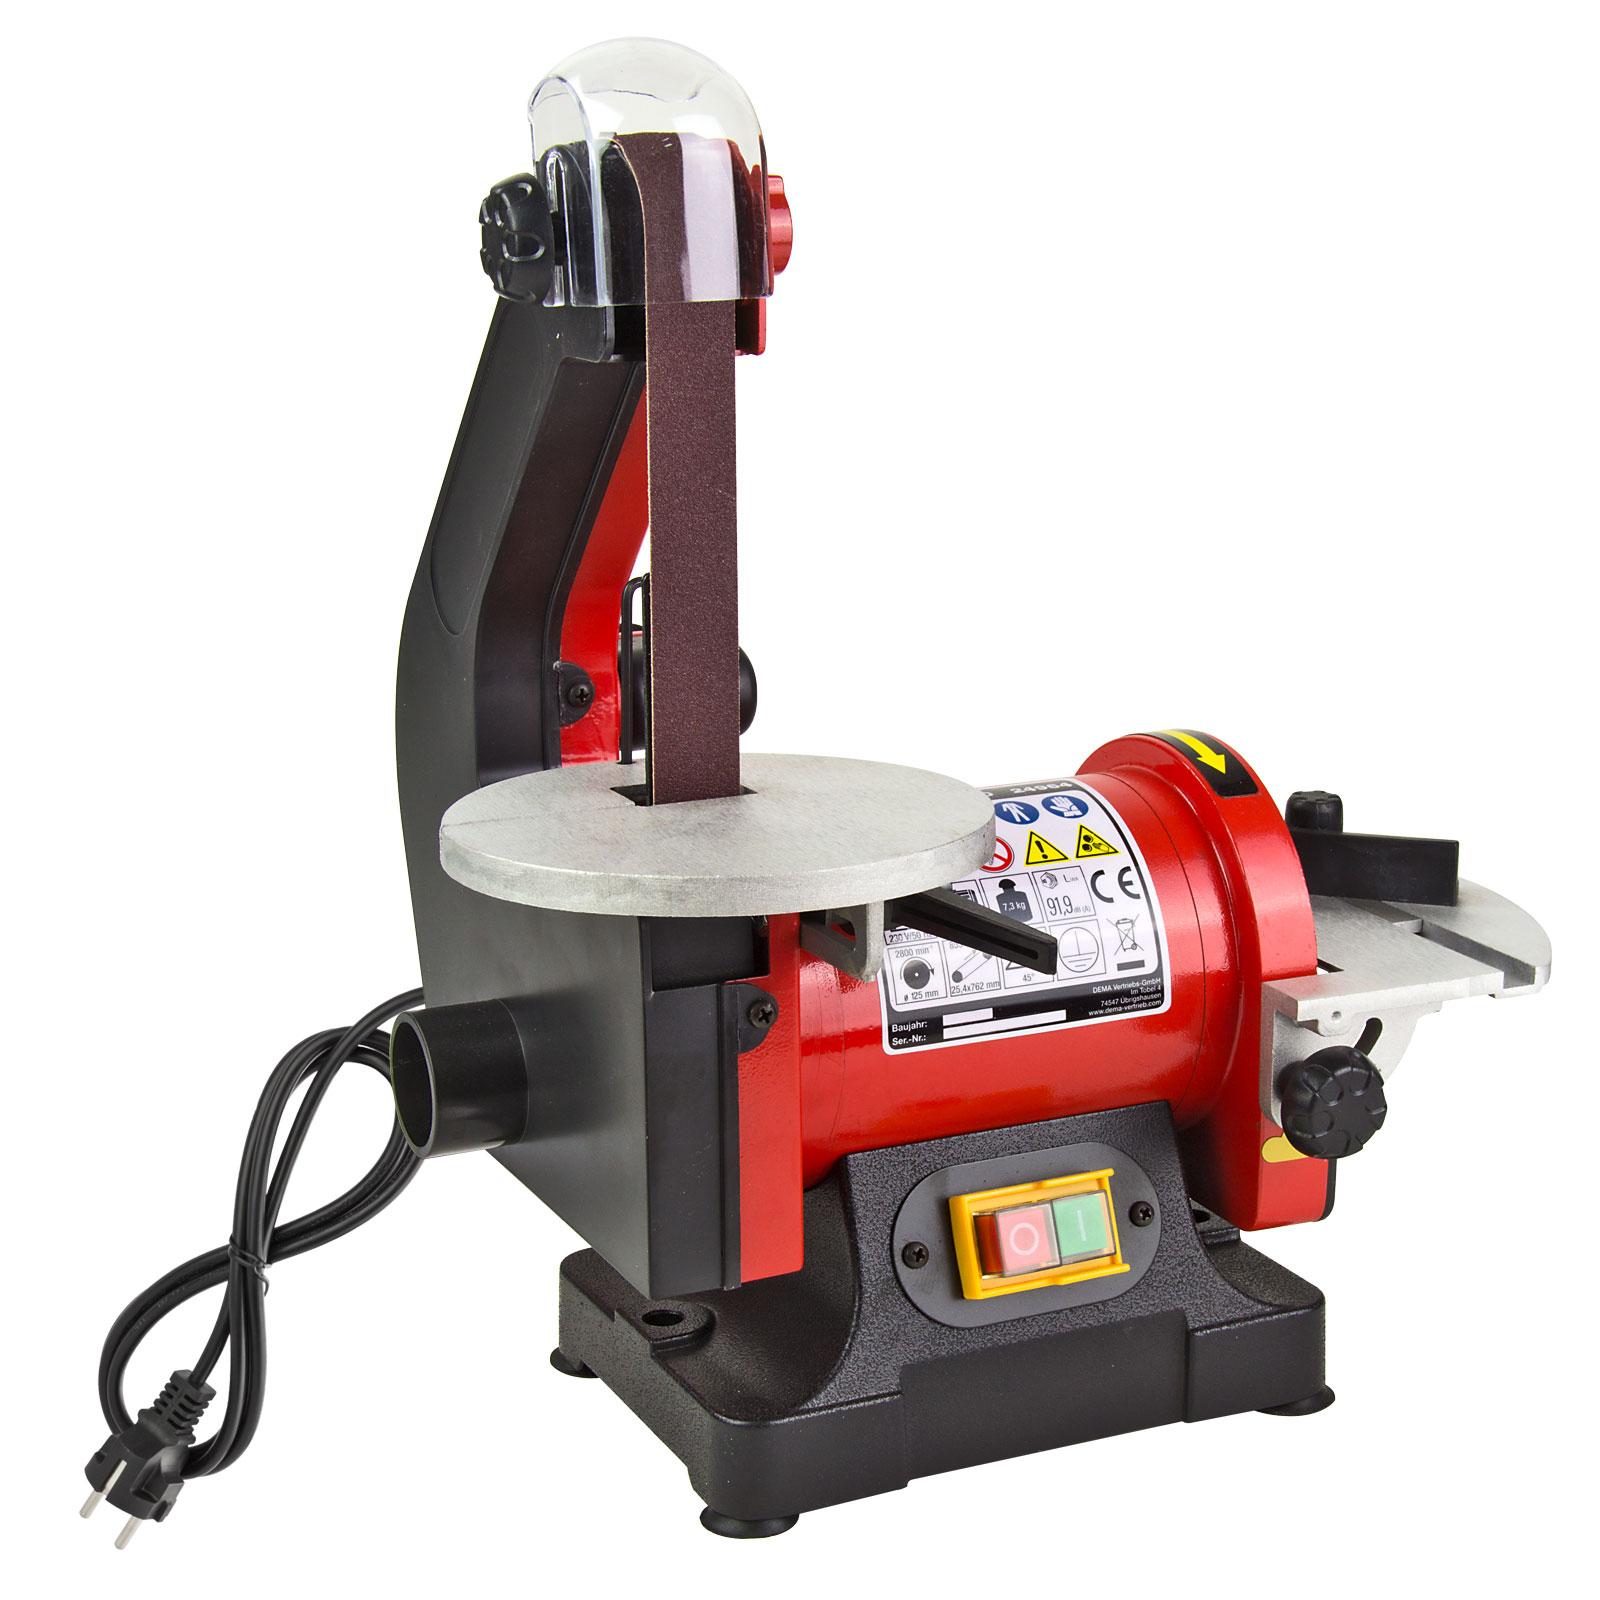 Dema Bandschleifer Tellerschleifer DBTS750 Bandschleifmaschine Kombi-Schleifmaschine 24964